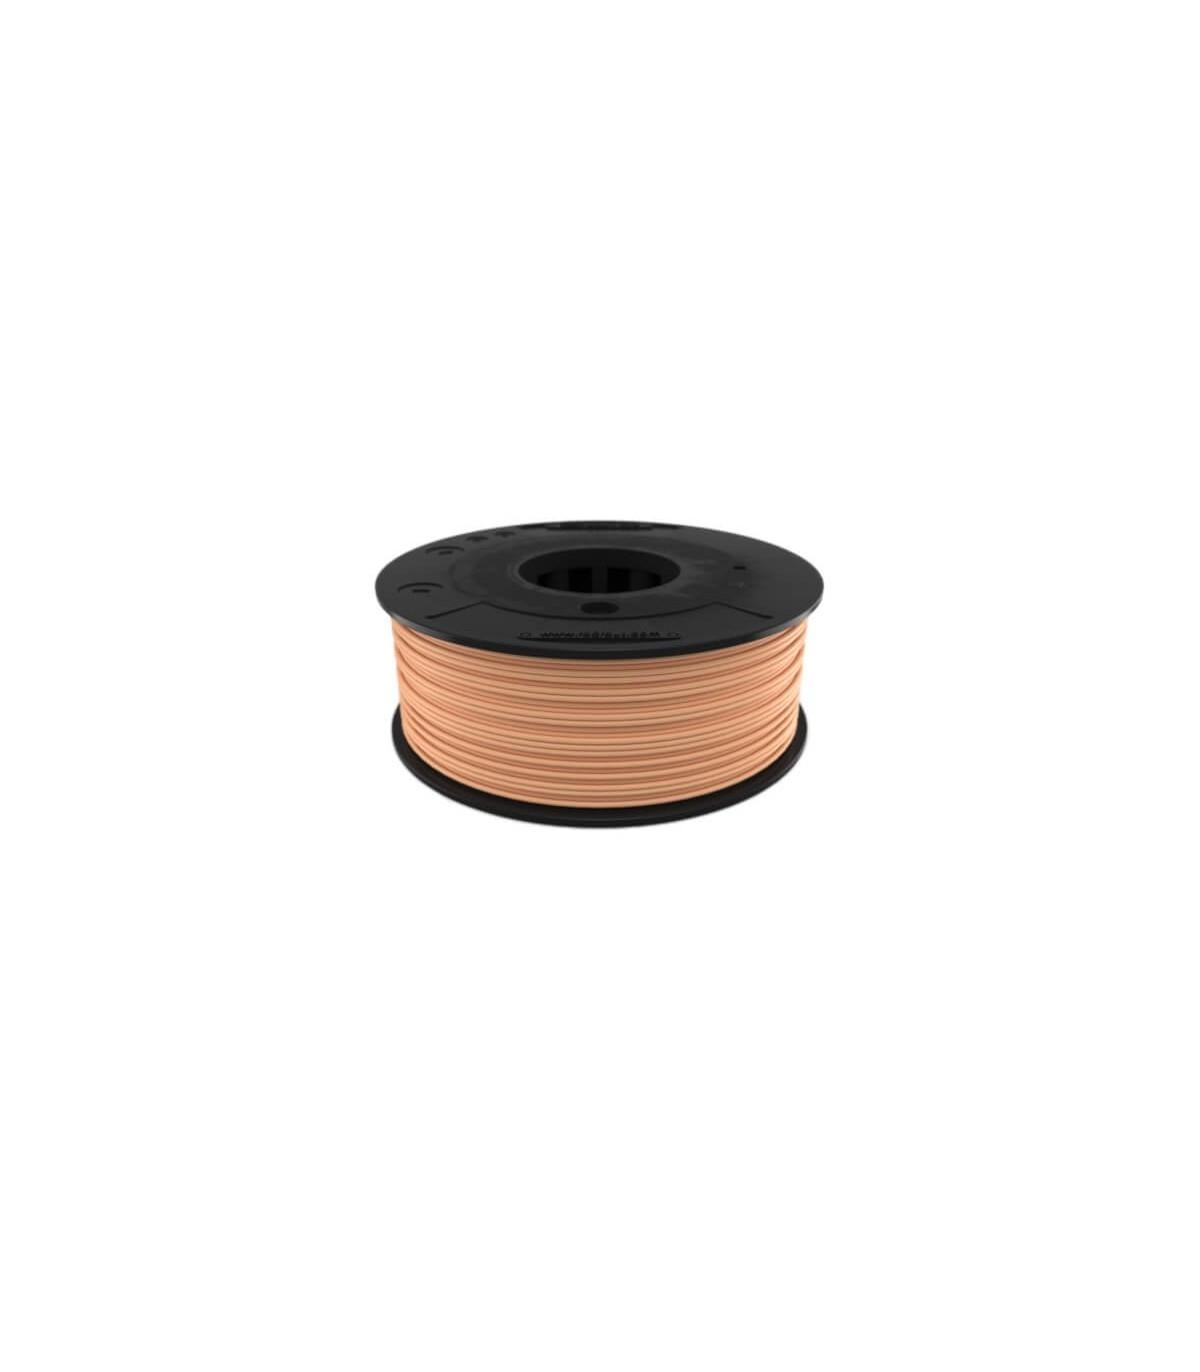 FilaFlex Skin1 82A TPE Filament 2.85 mm 250g